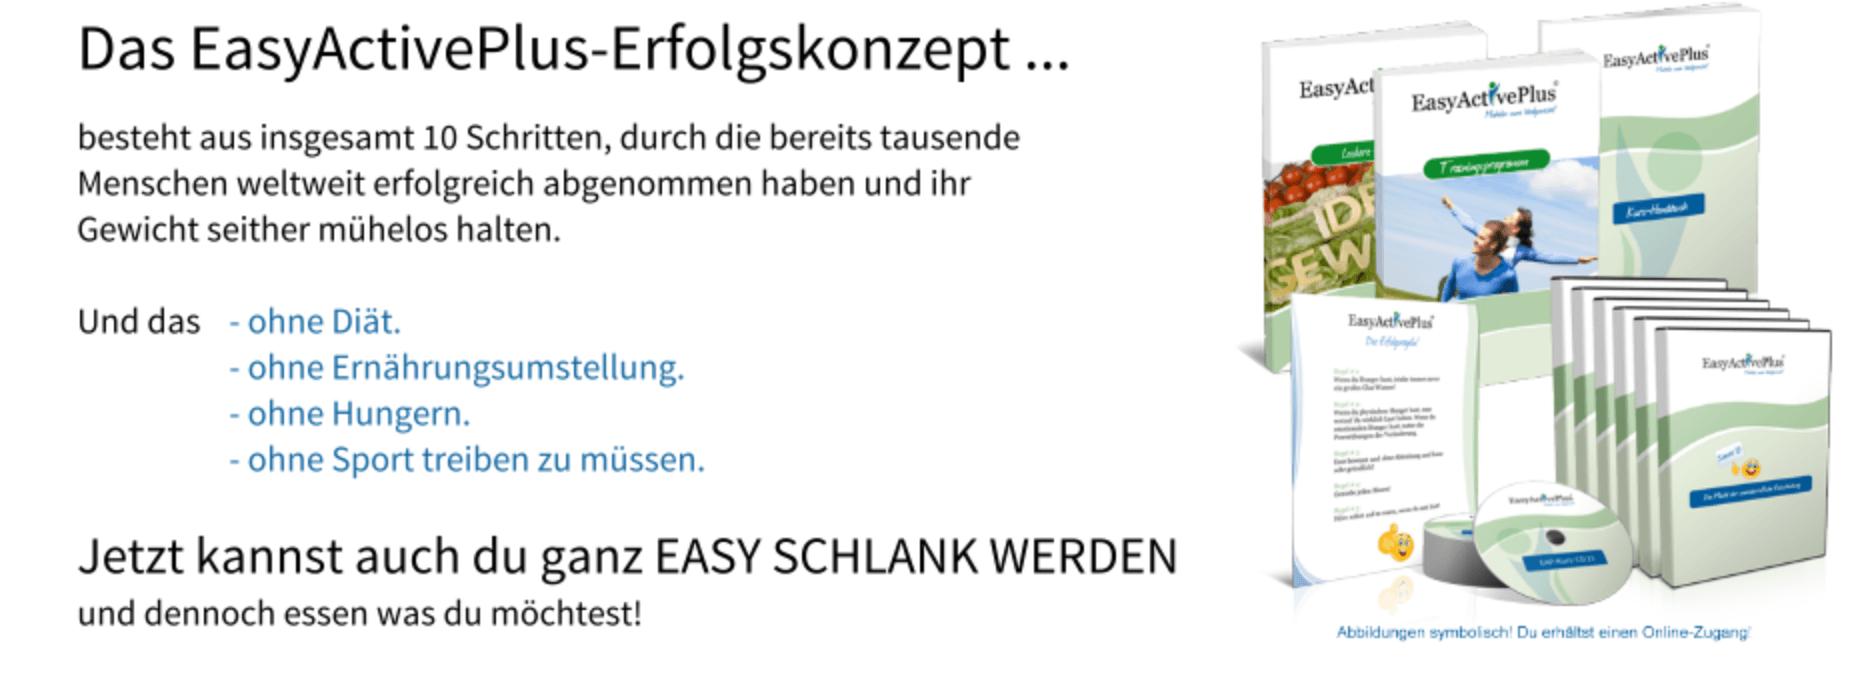 Prinzip von EasyActivePlus